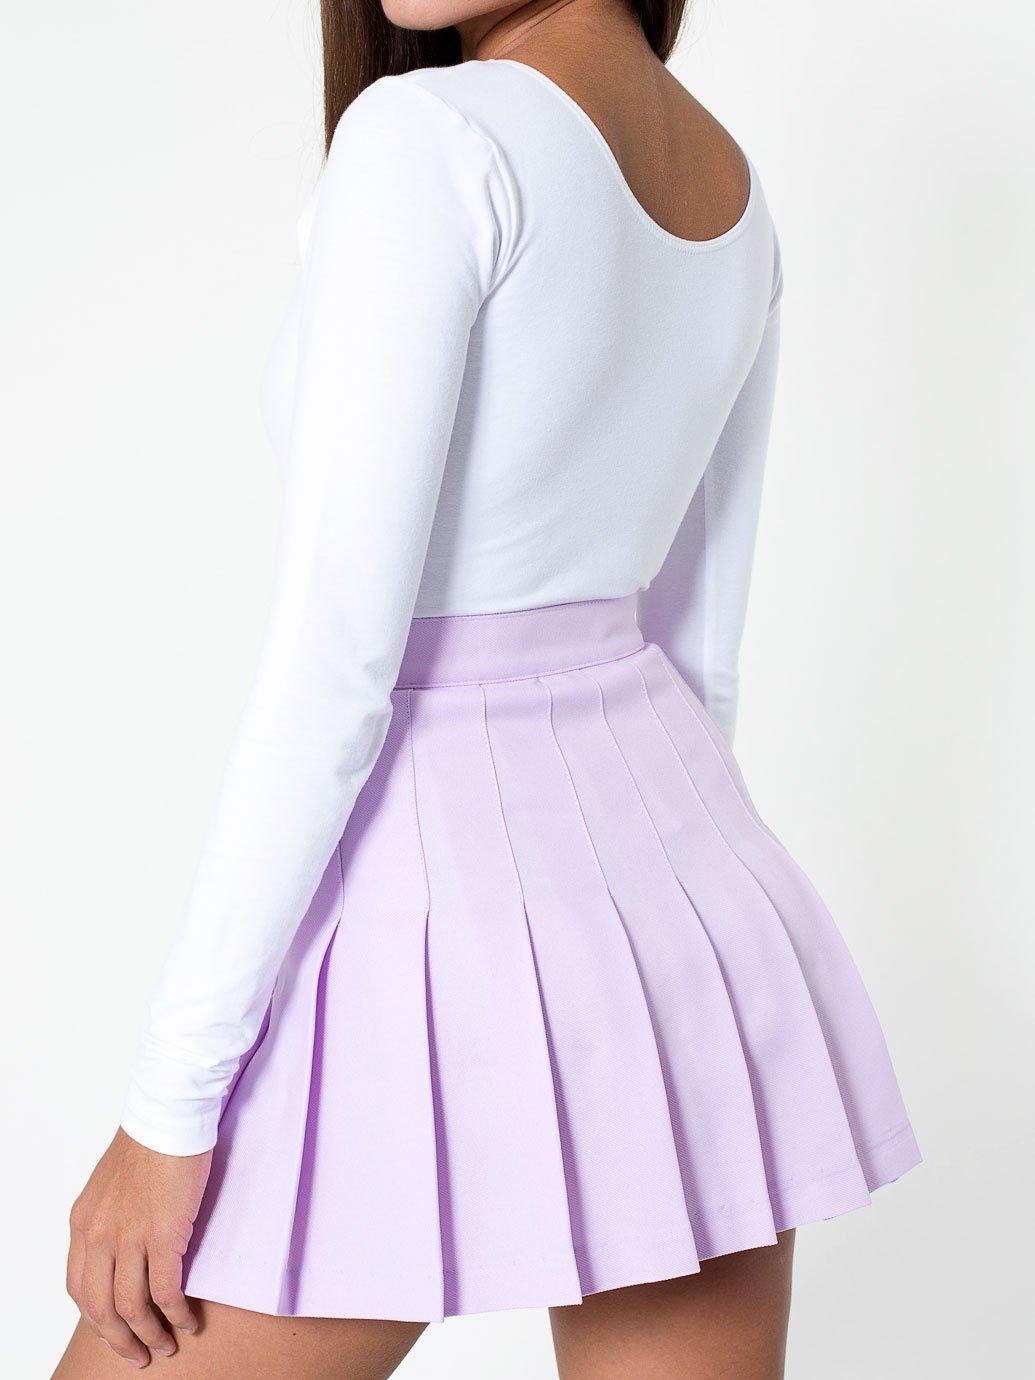 American Apparel Tennis Skirt Evan Webster Ink